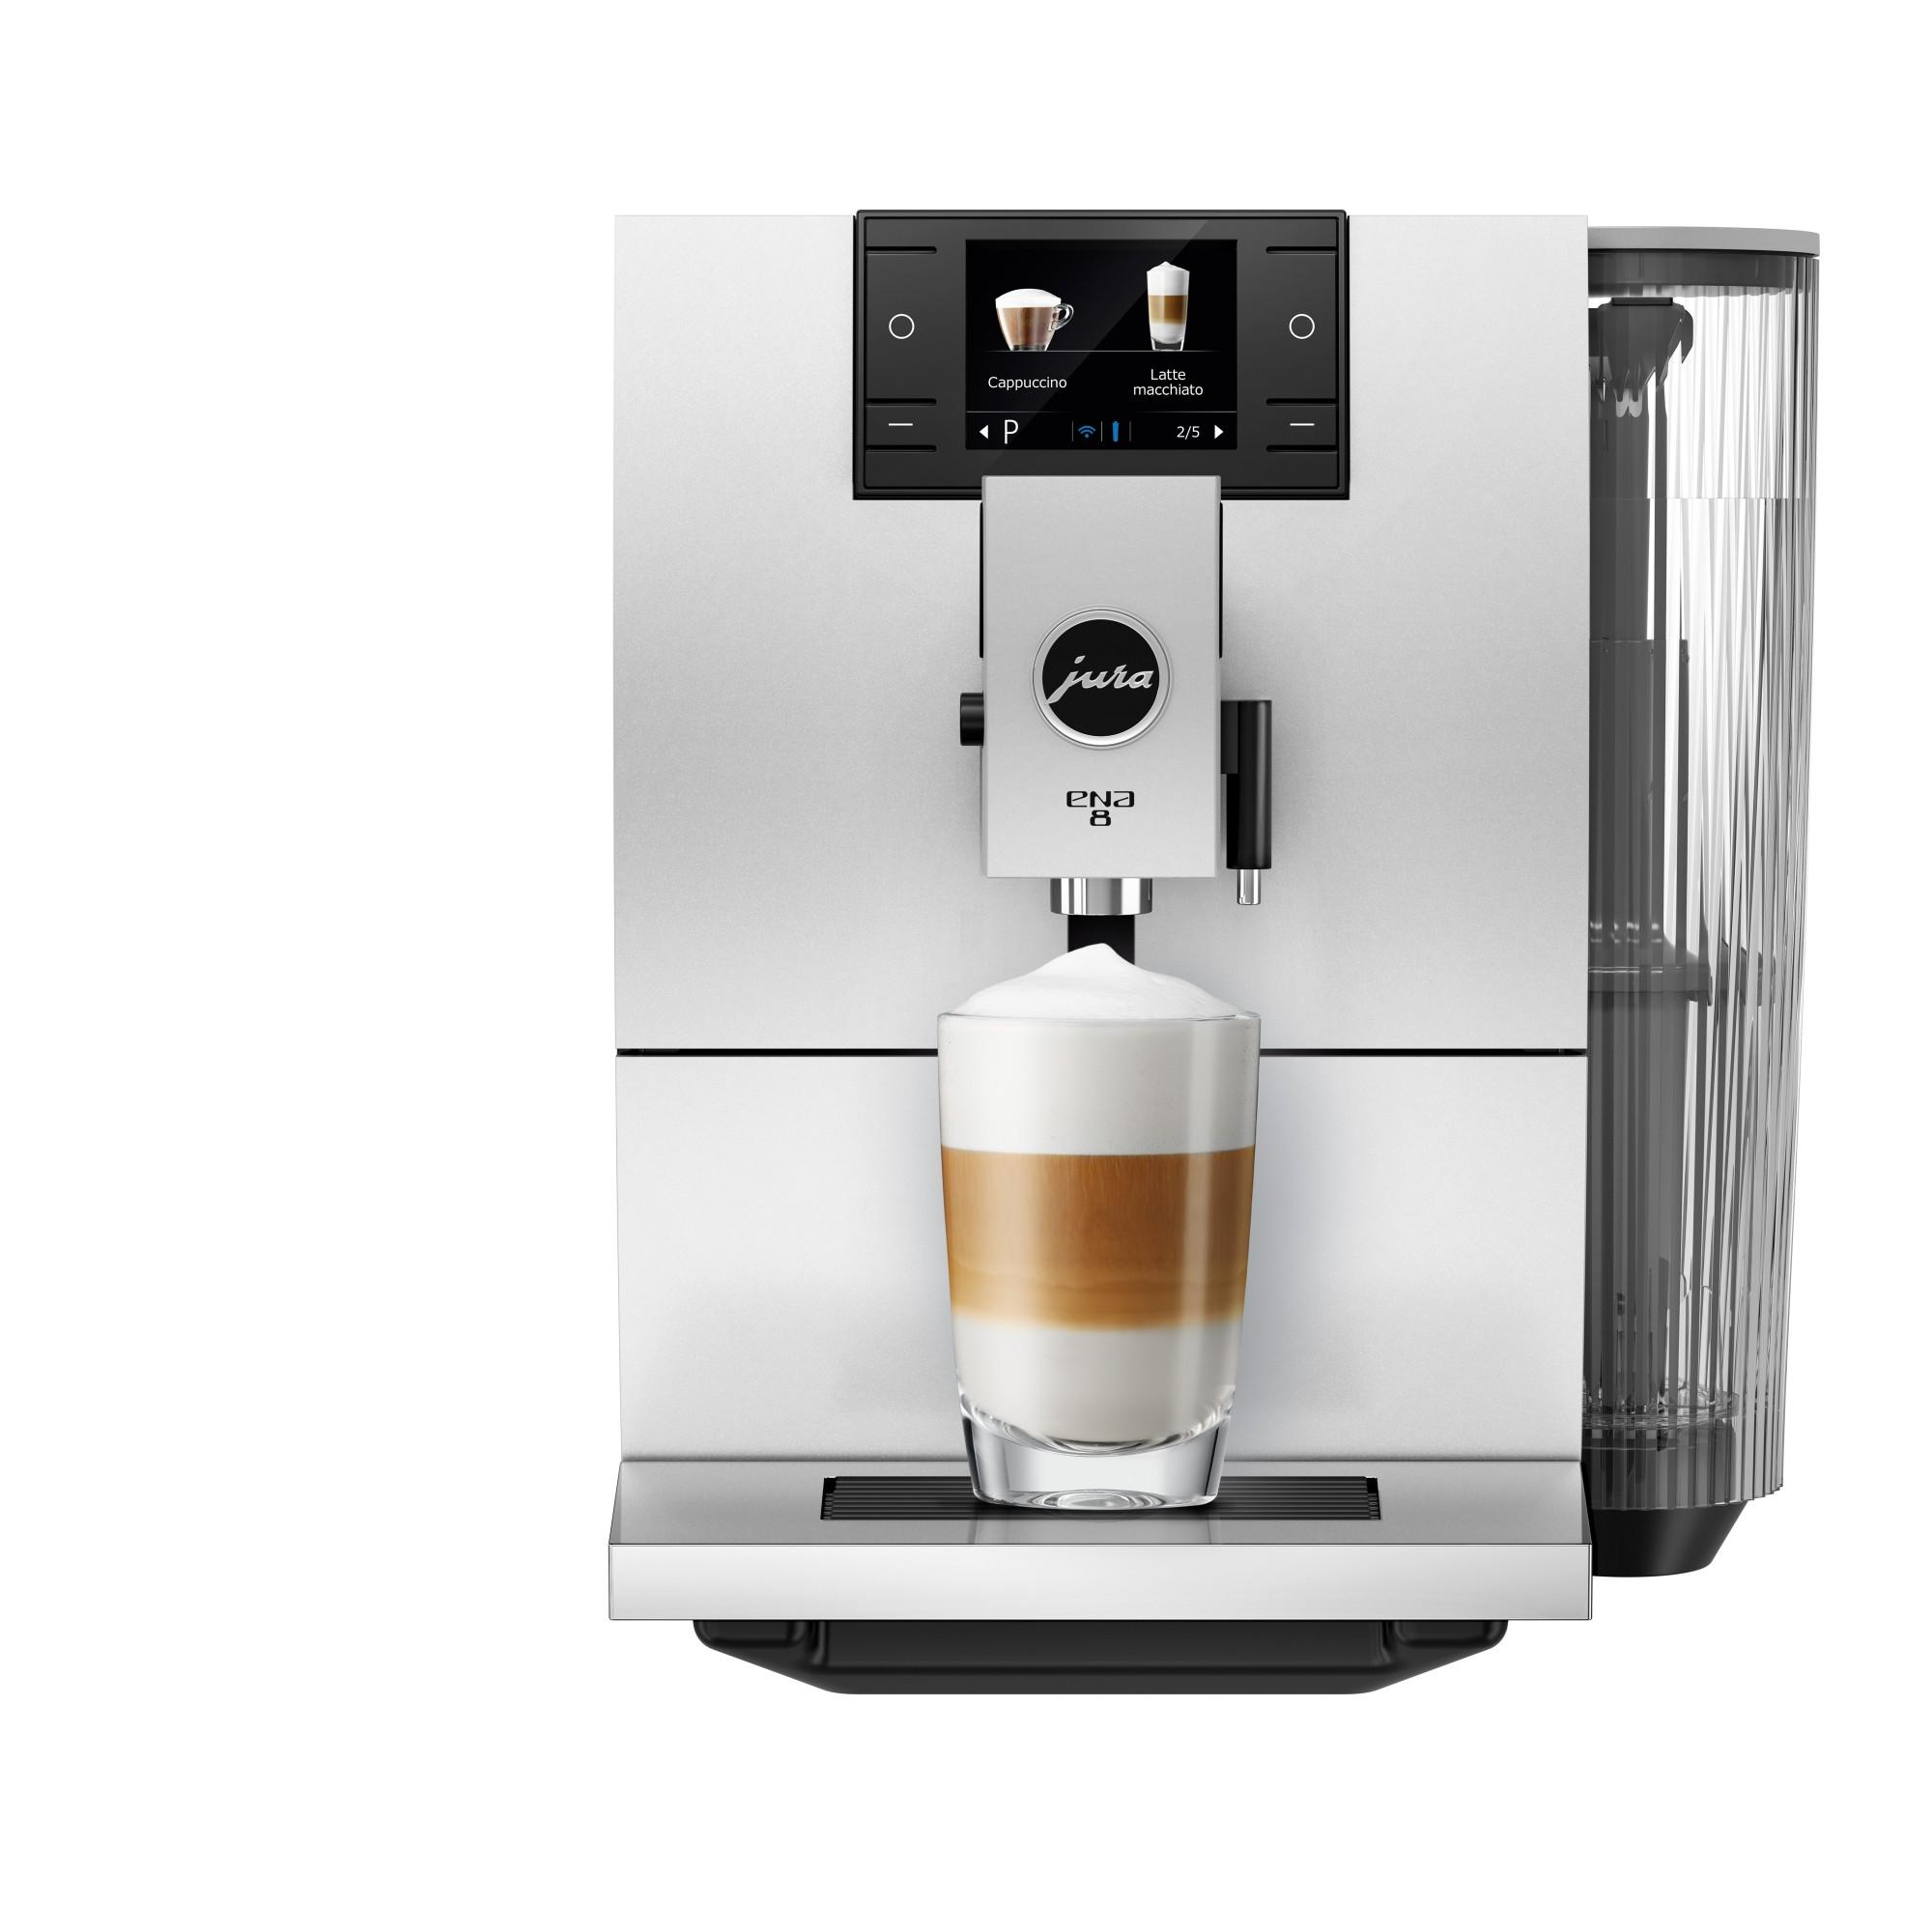 Jura ENA 8 koffiemachine in zwart